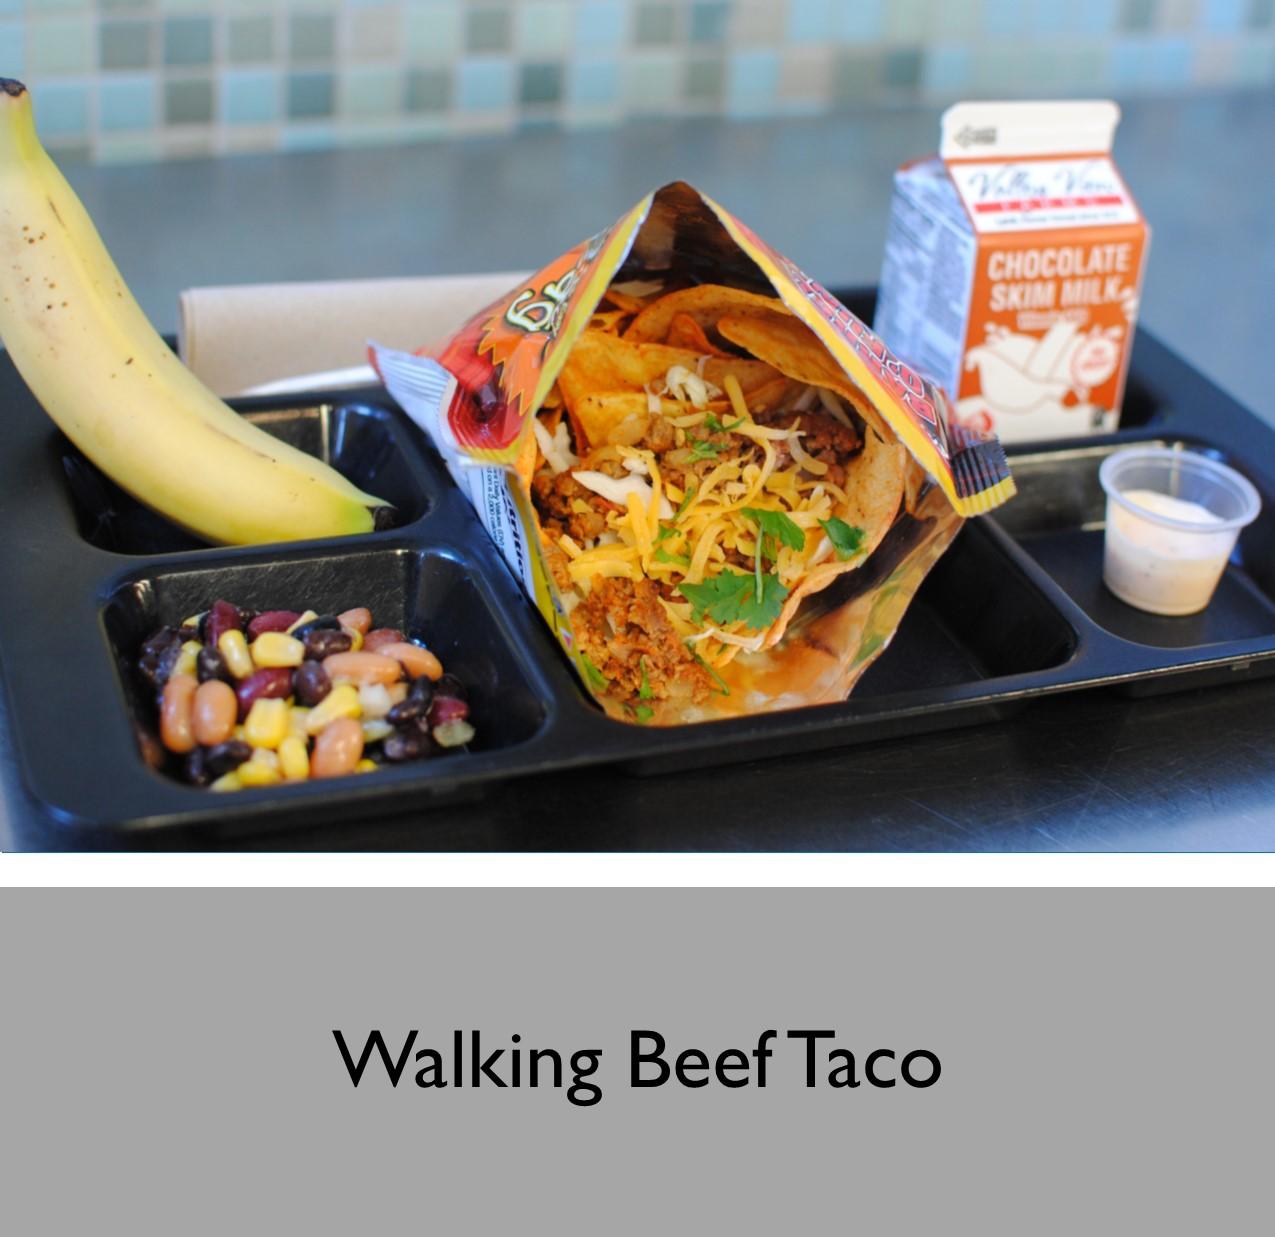 Walking Beef Taco